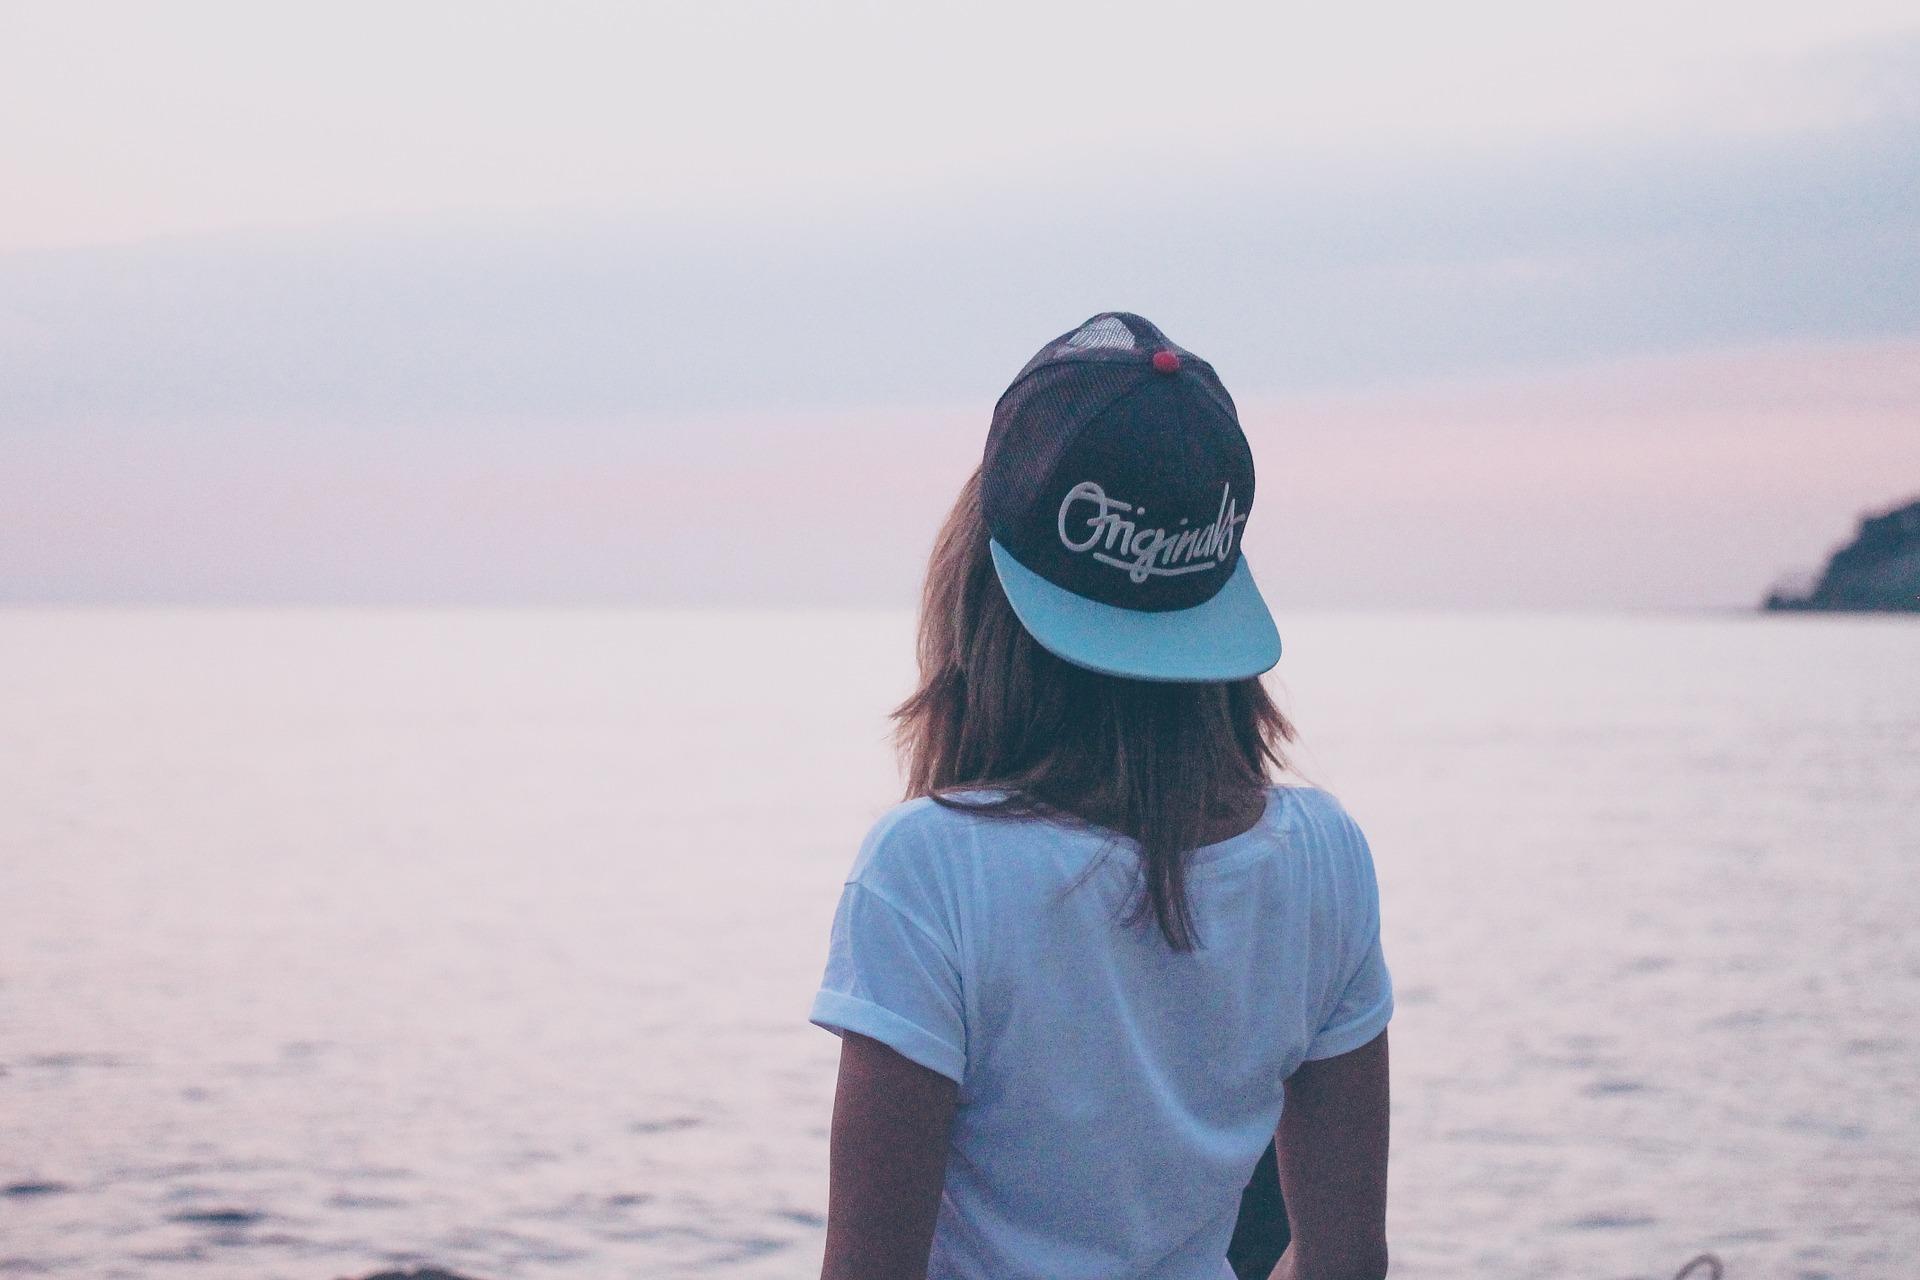 महिला, सागर, टोपी, पानी, आकाश, पीठ - HD वॉलपेपर - प्रोफेसर-falken.com